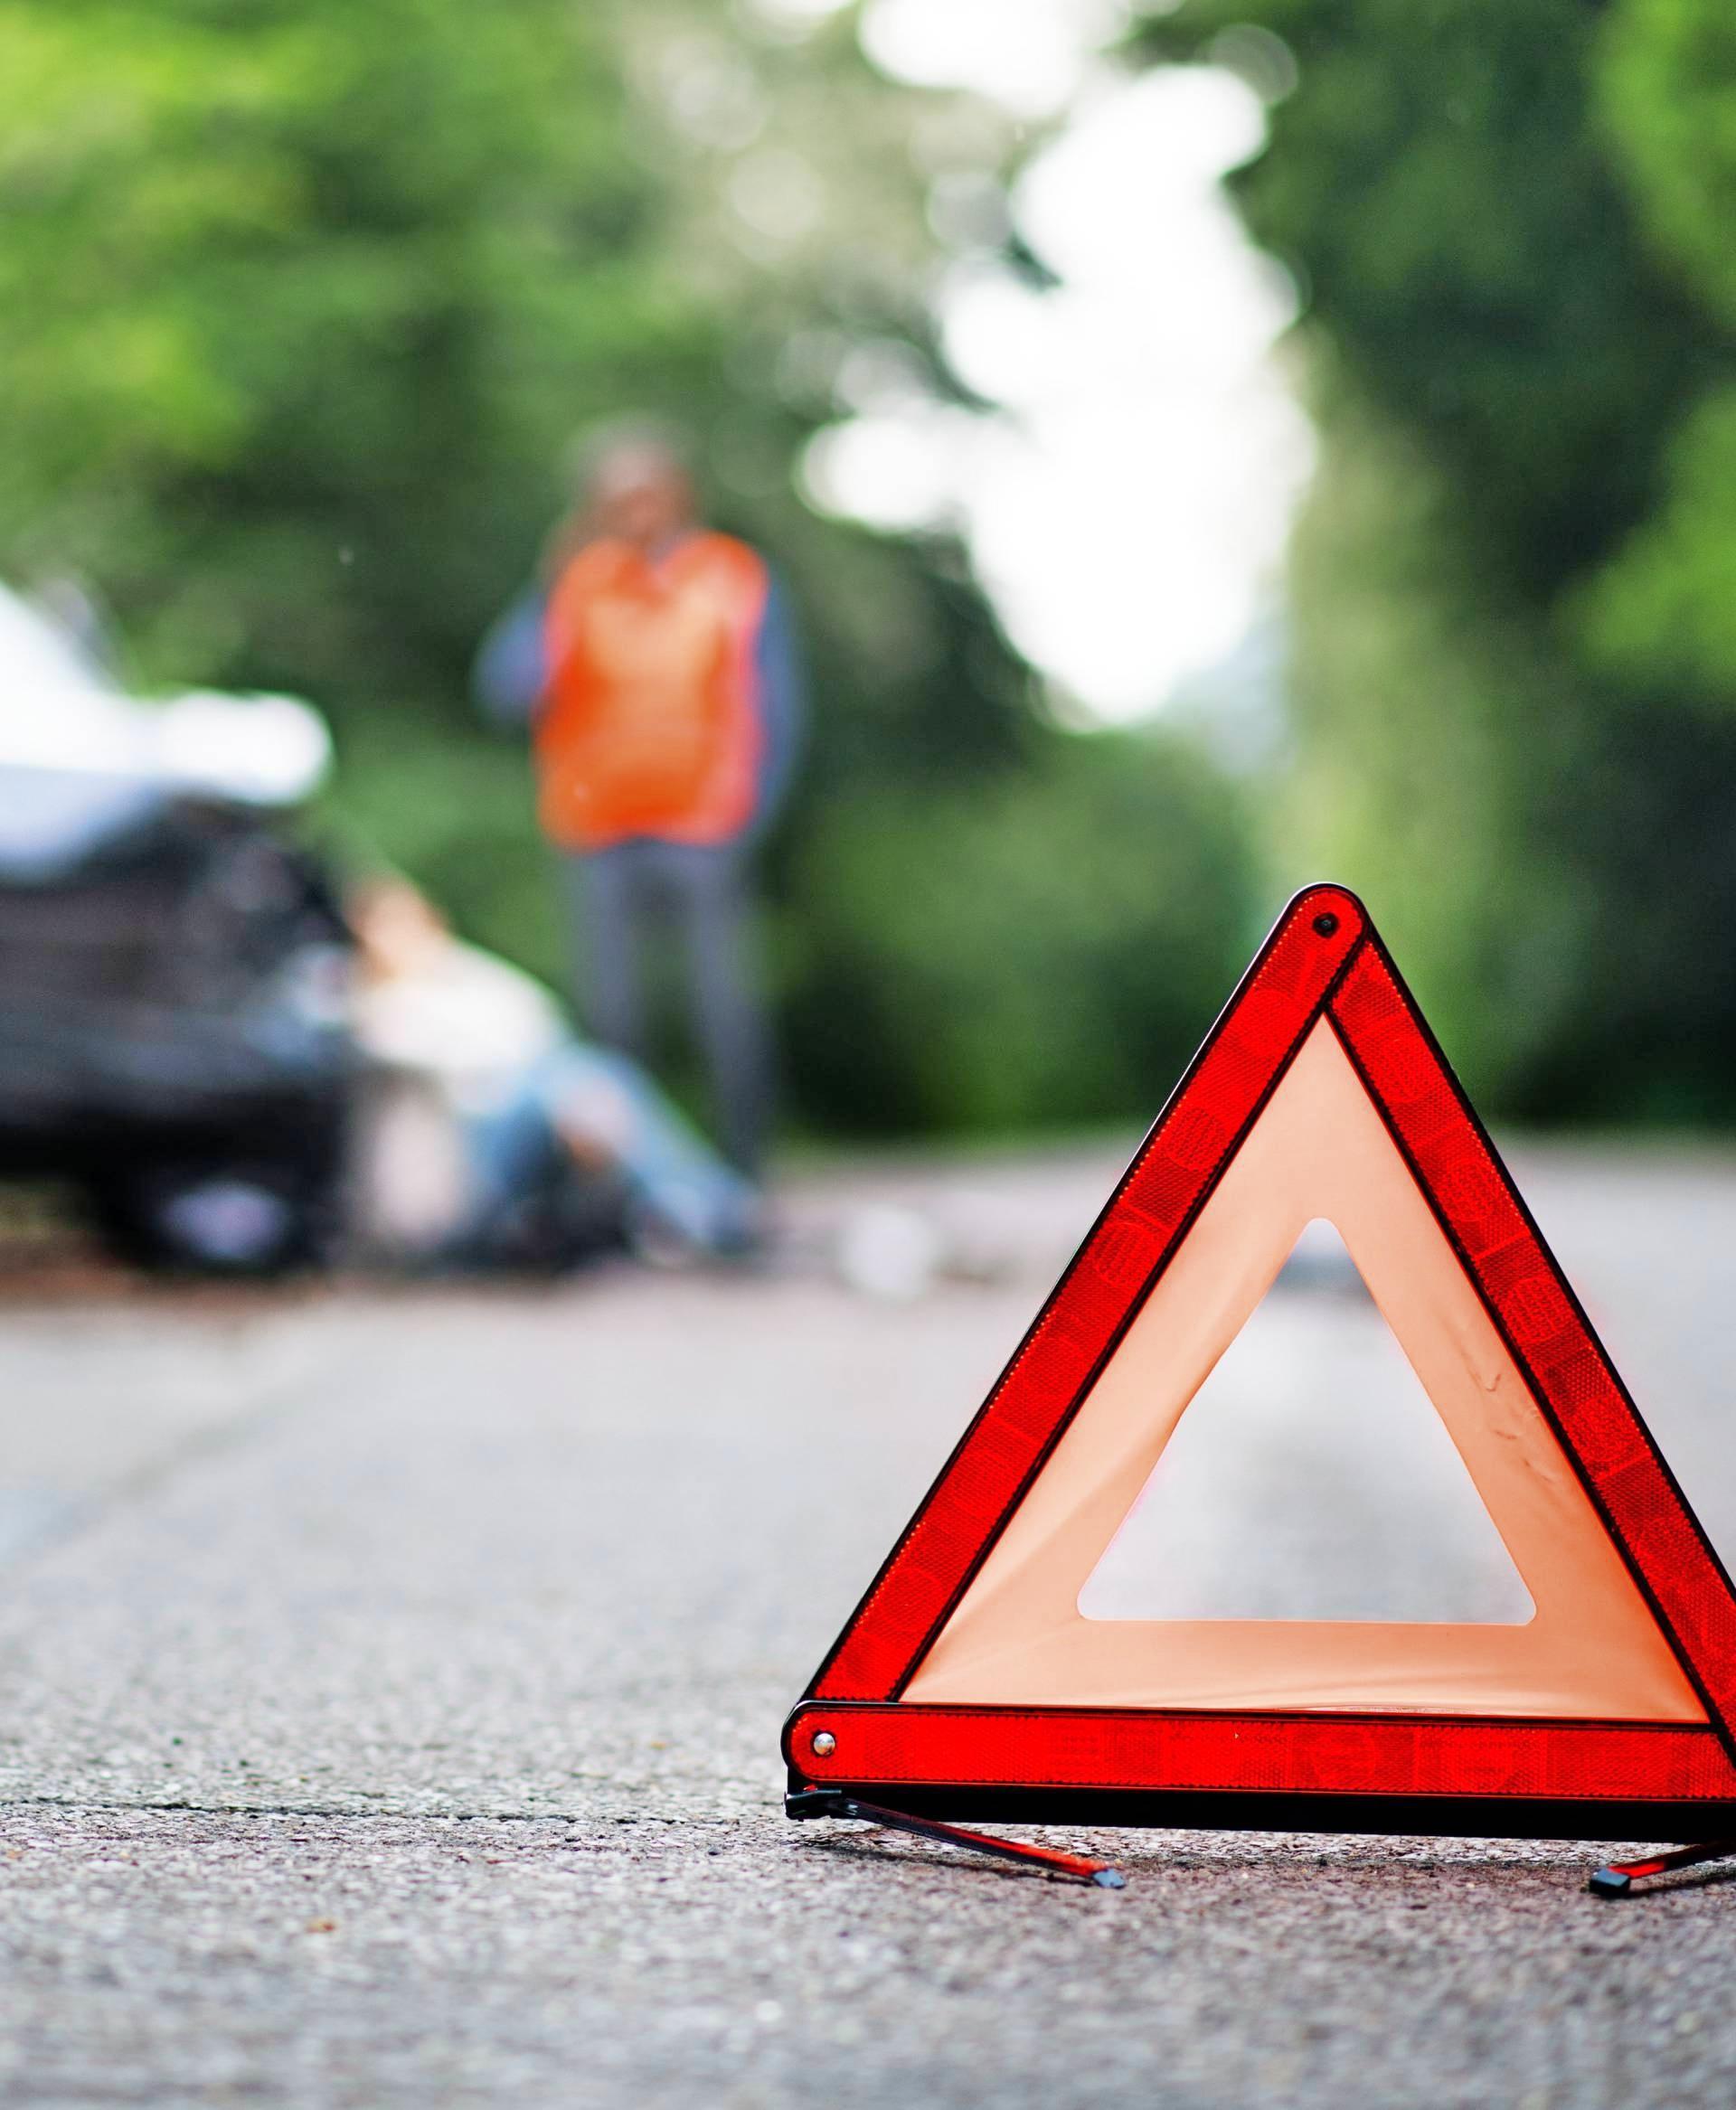 Ganz wichtig: Nach einem Unfall ein Warndreieck aufstellen.